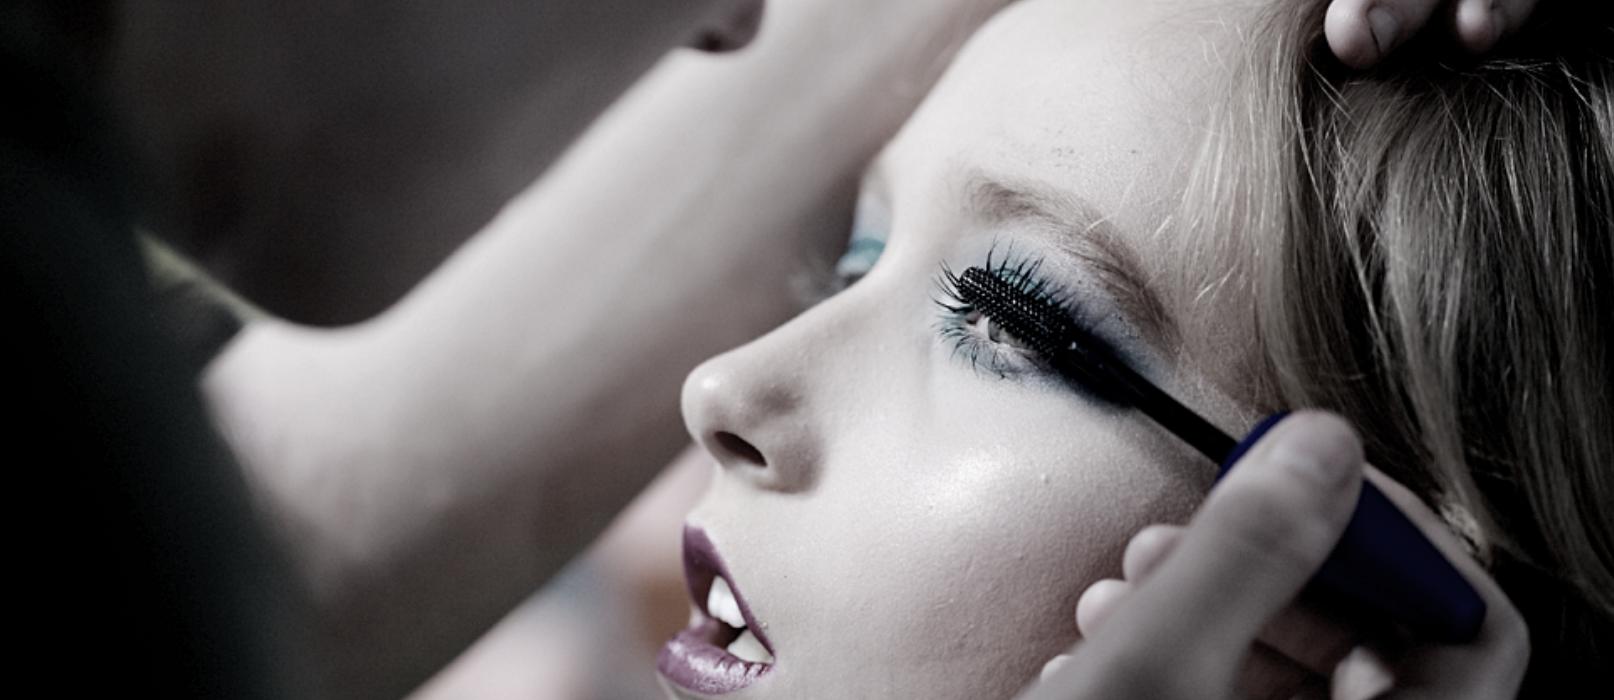 Capture Models- Make-up Artist